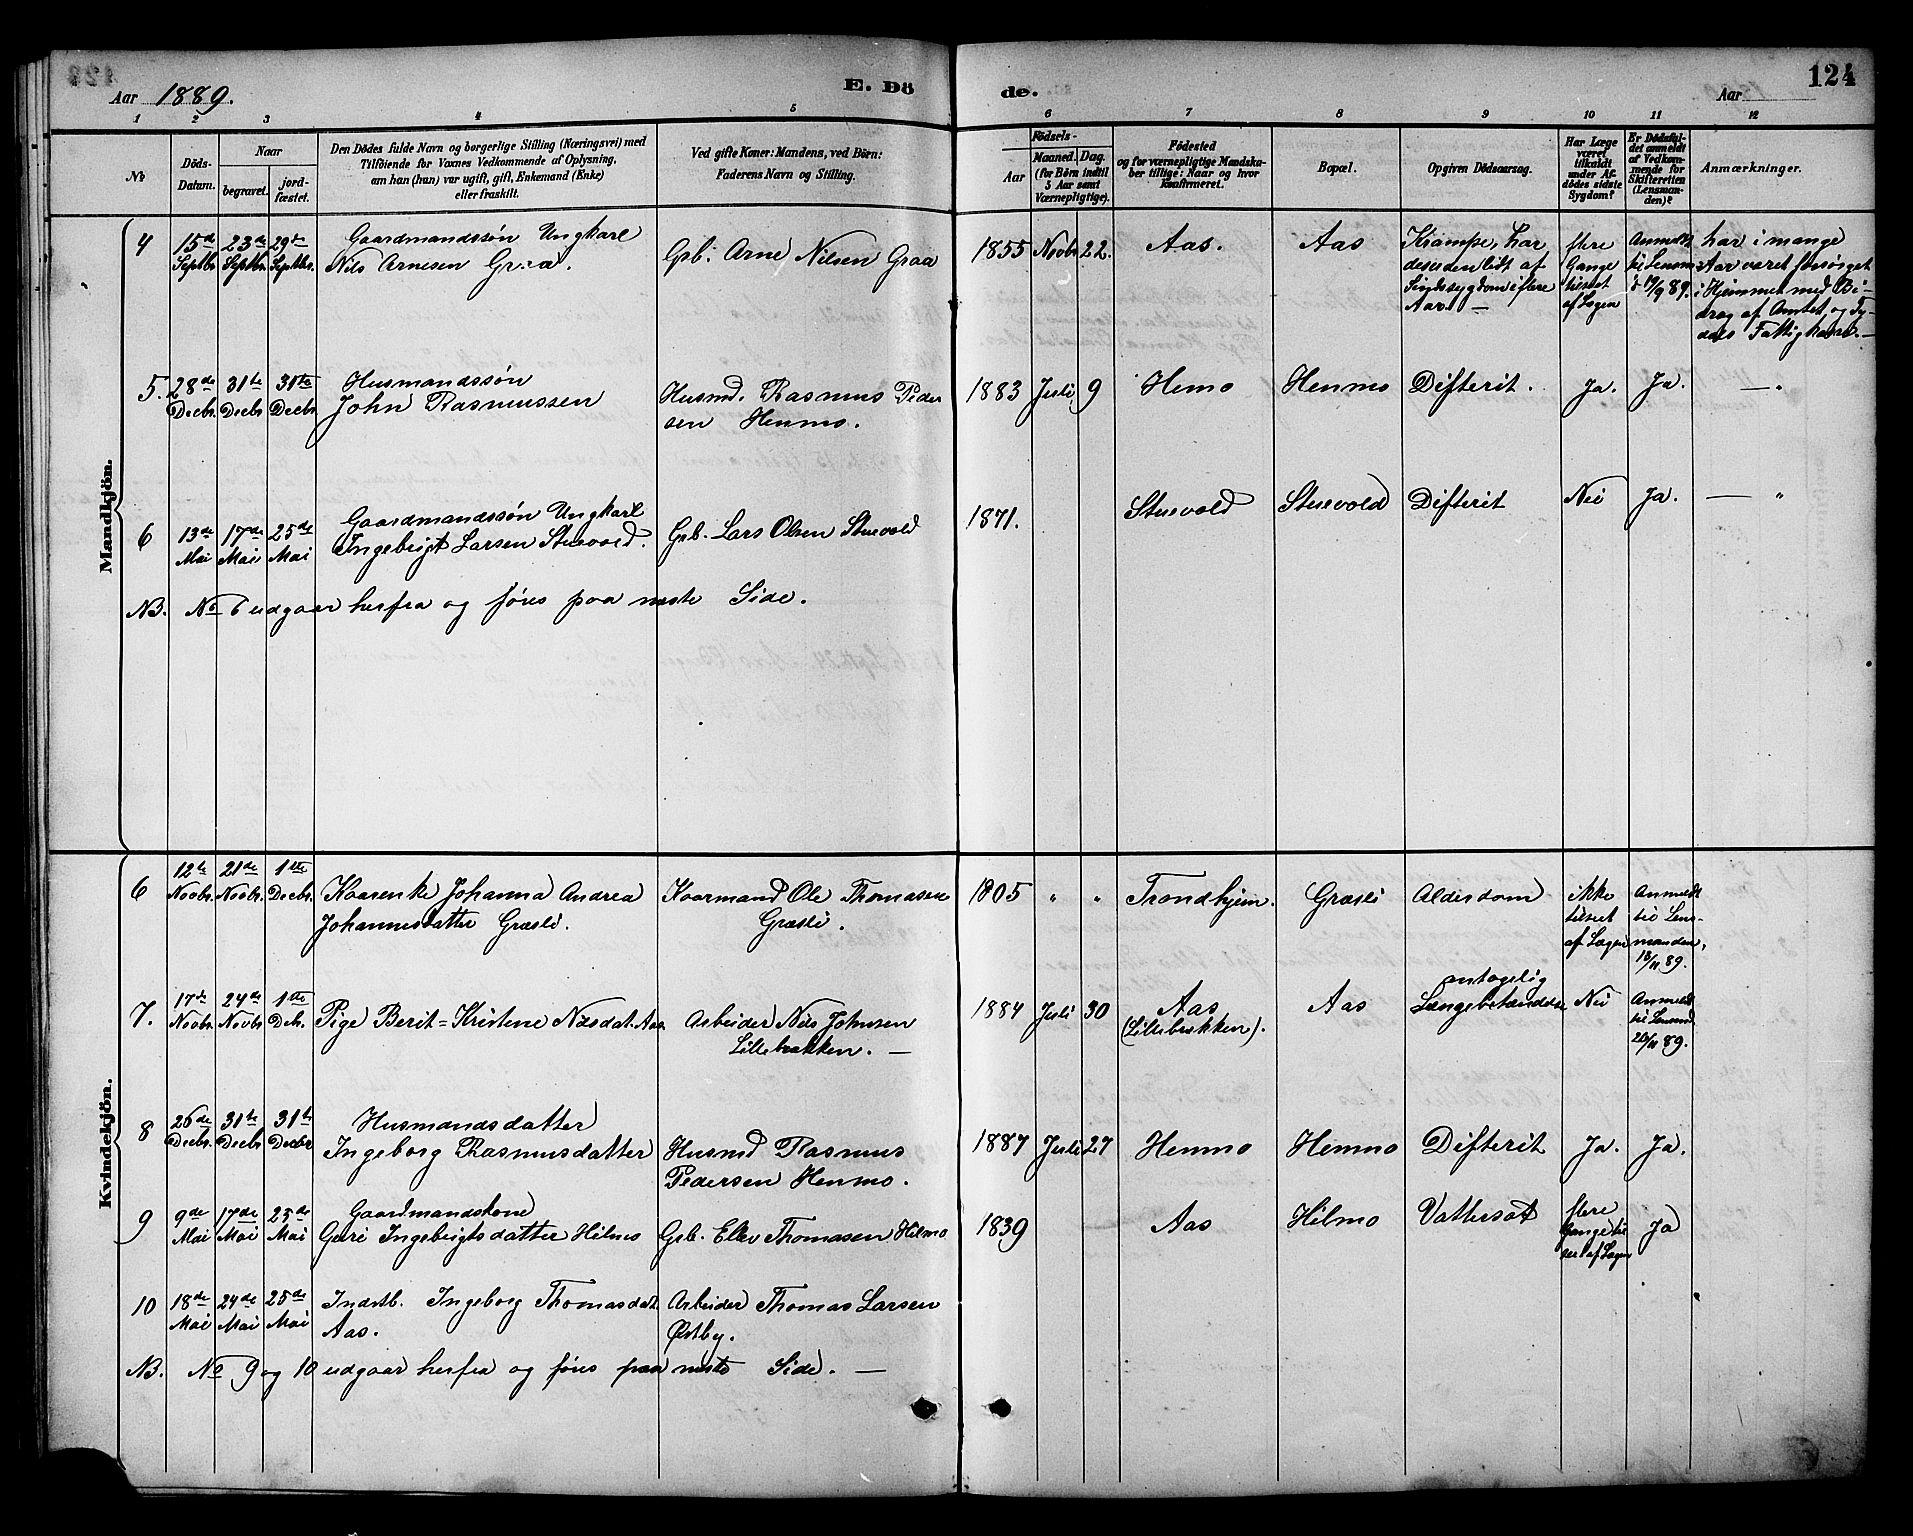 SAT, Ministerialprotokoller, klokkerbøker og fødselsregistre - Sør-Trøndelag, 698/L1167: Klokkerbok nr. 698C04, 1888-1907, s. 124